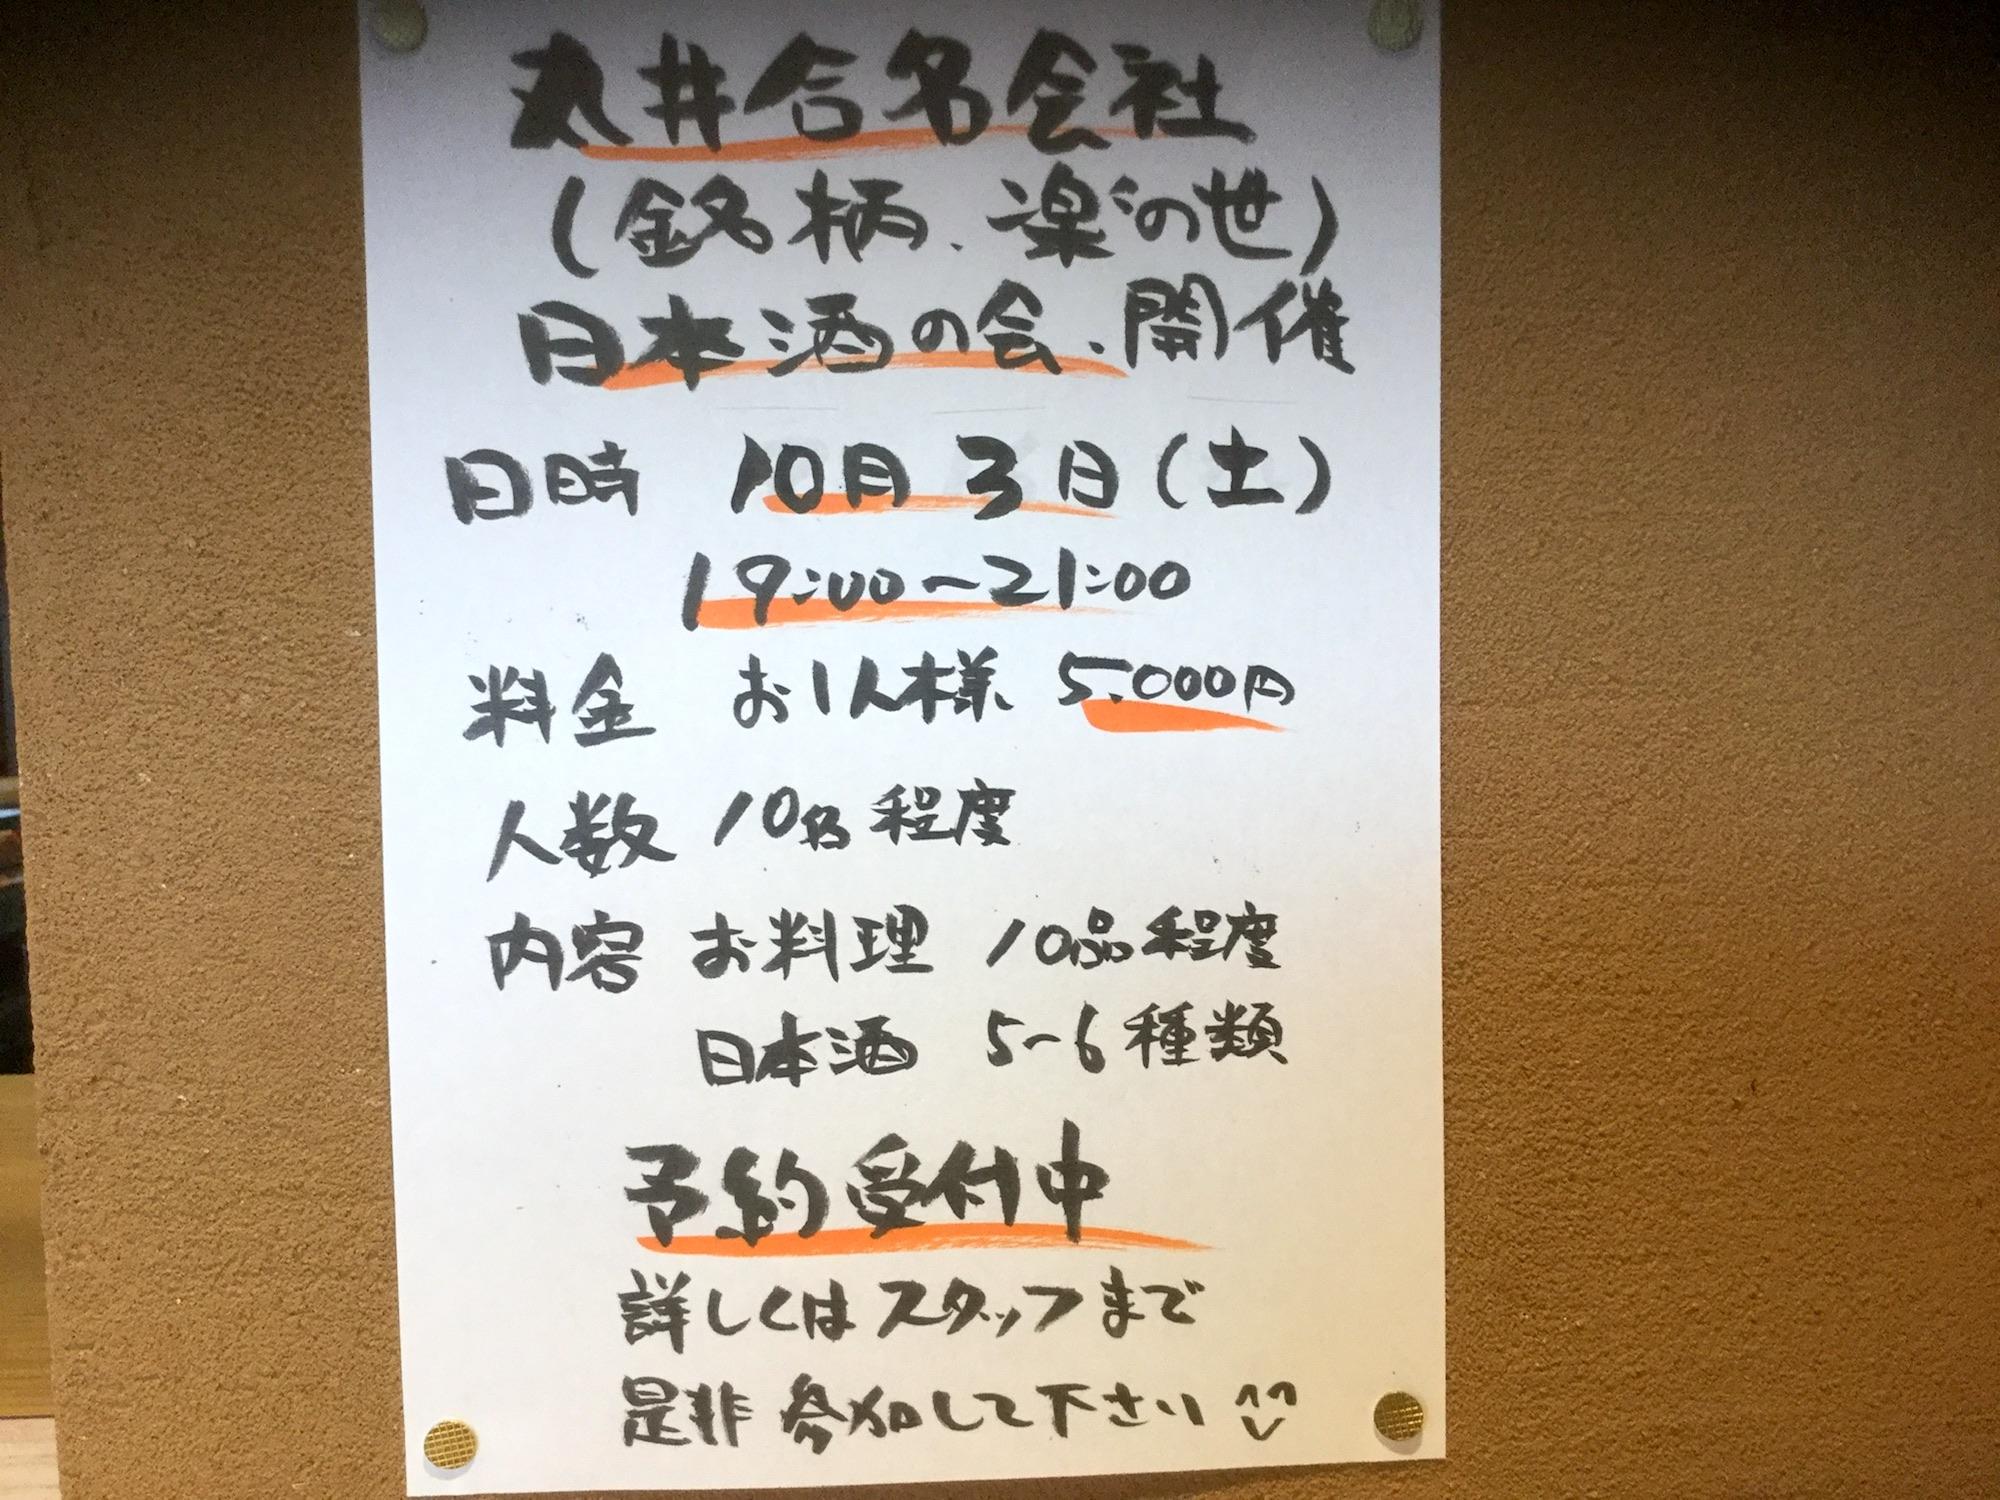 丸井合名会社様 日本酒の会